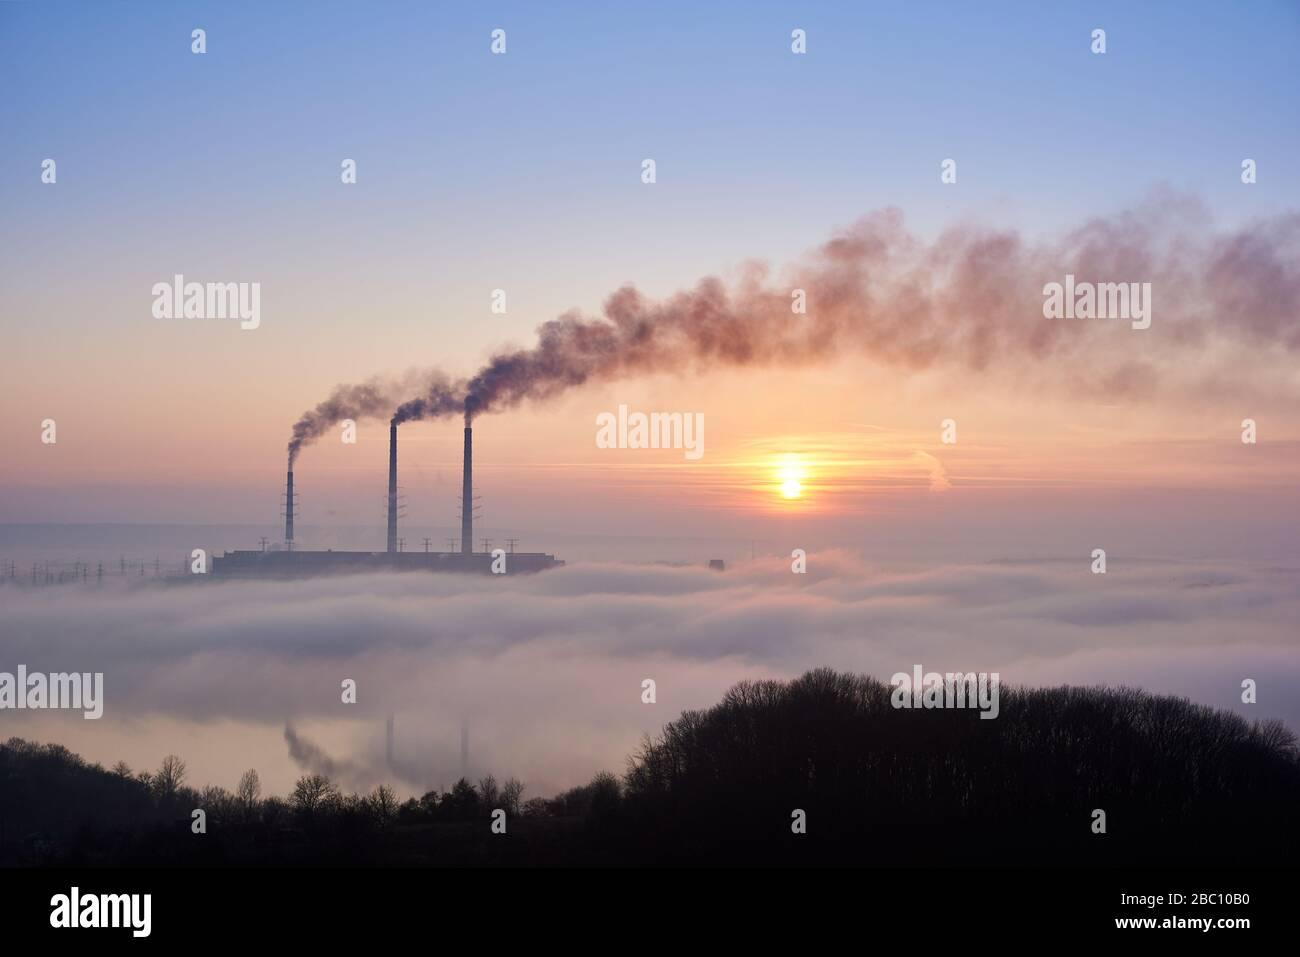 Instantánea horizontal de tres pilas de humo de la central térmica en el horizonte tomado de la colina, las tuberías están en la niebla de la noche en el cielo azul, espacio de copia. Concepto de contaminación ambiental Foto de stock